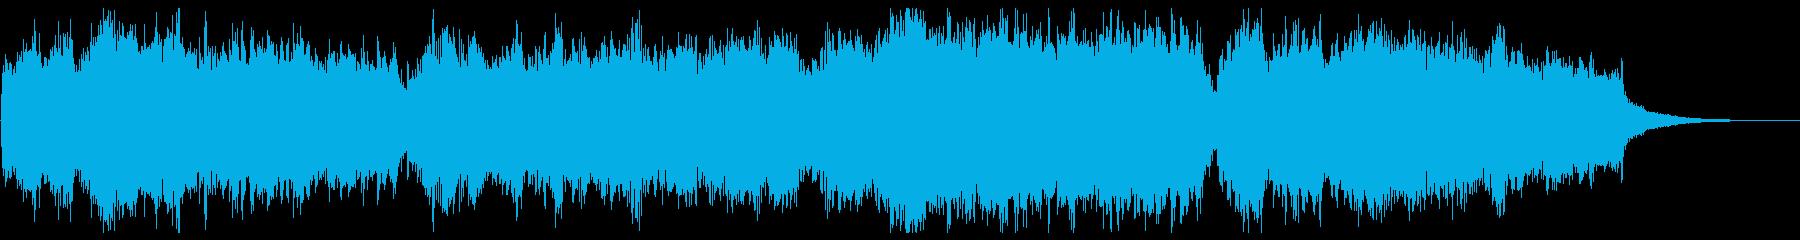 オーケストラ 合唱 勇壮な30秒イントロの再生済みの波形